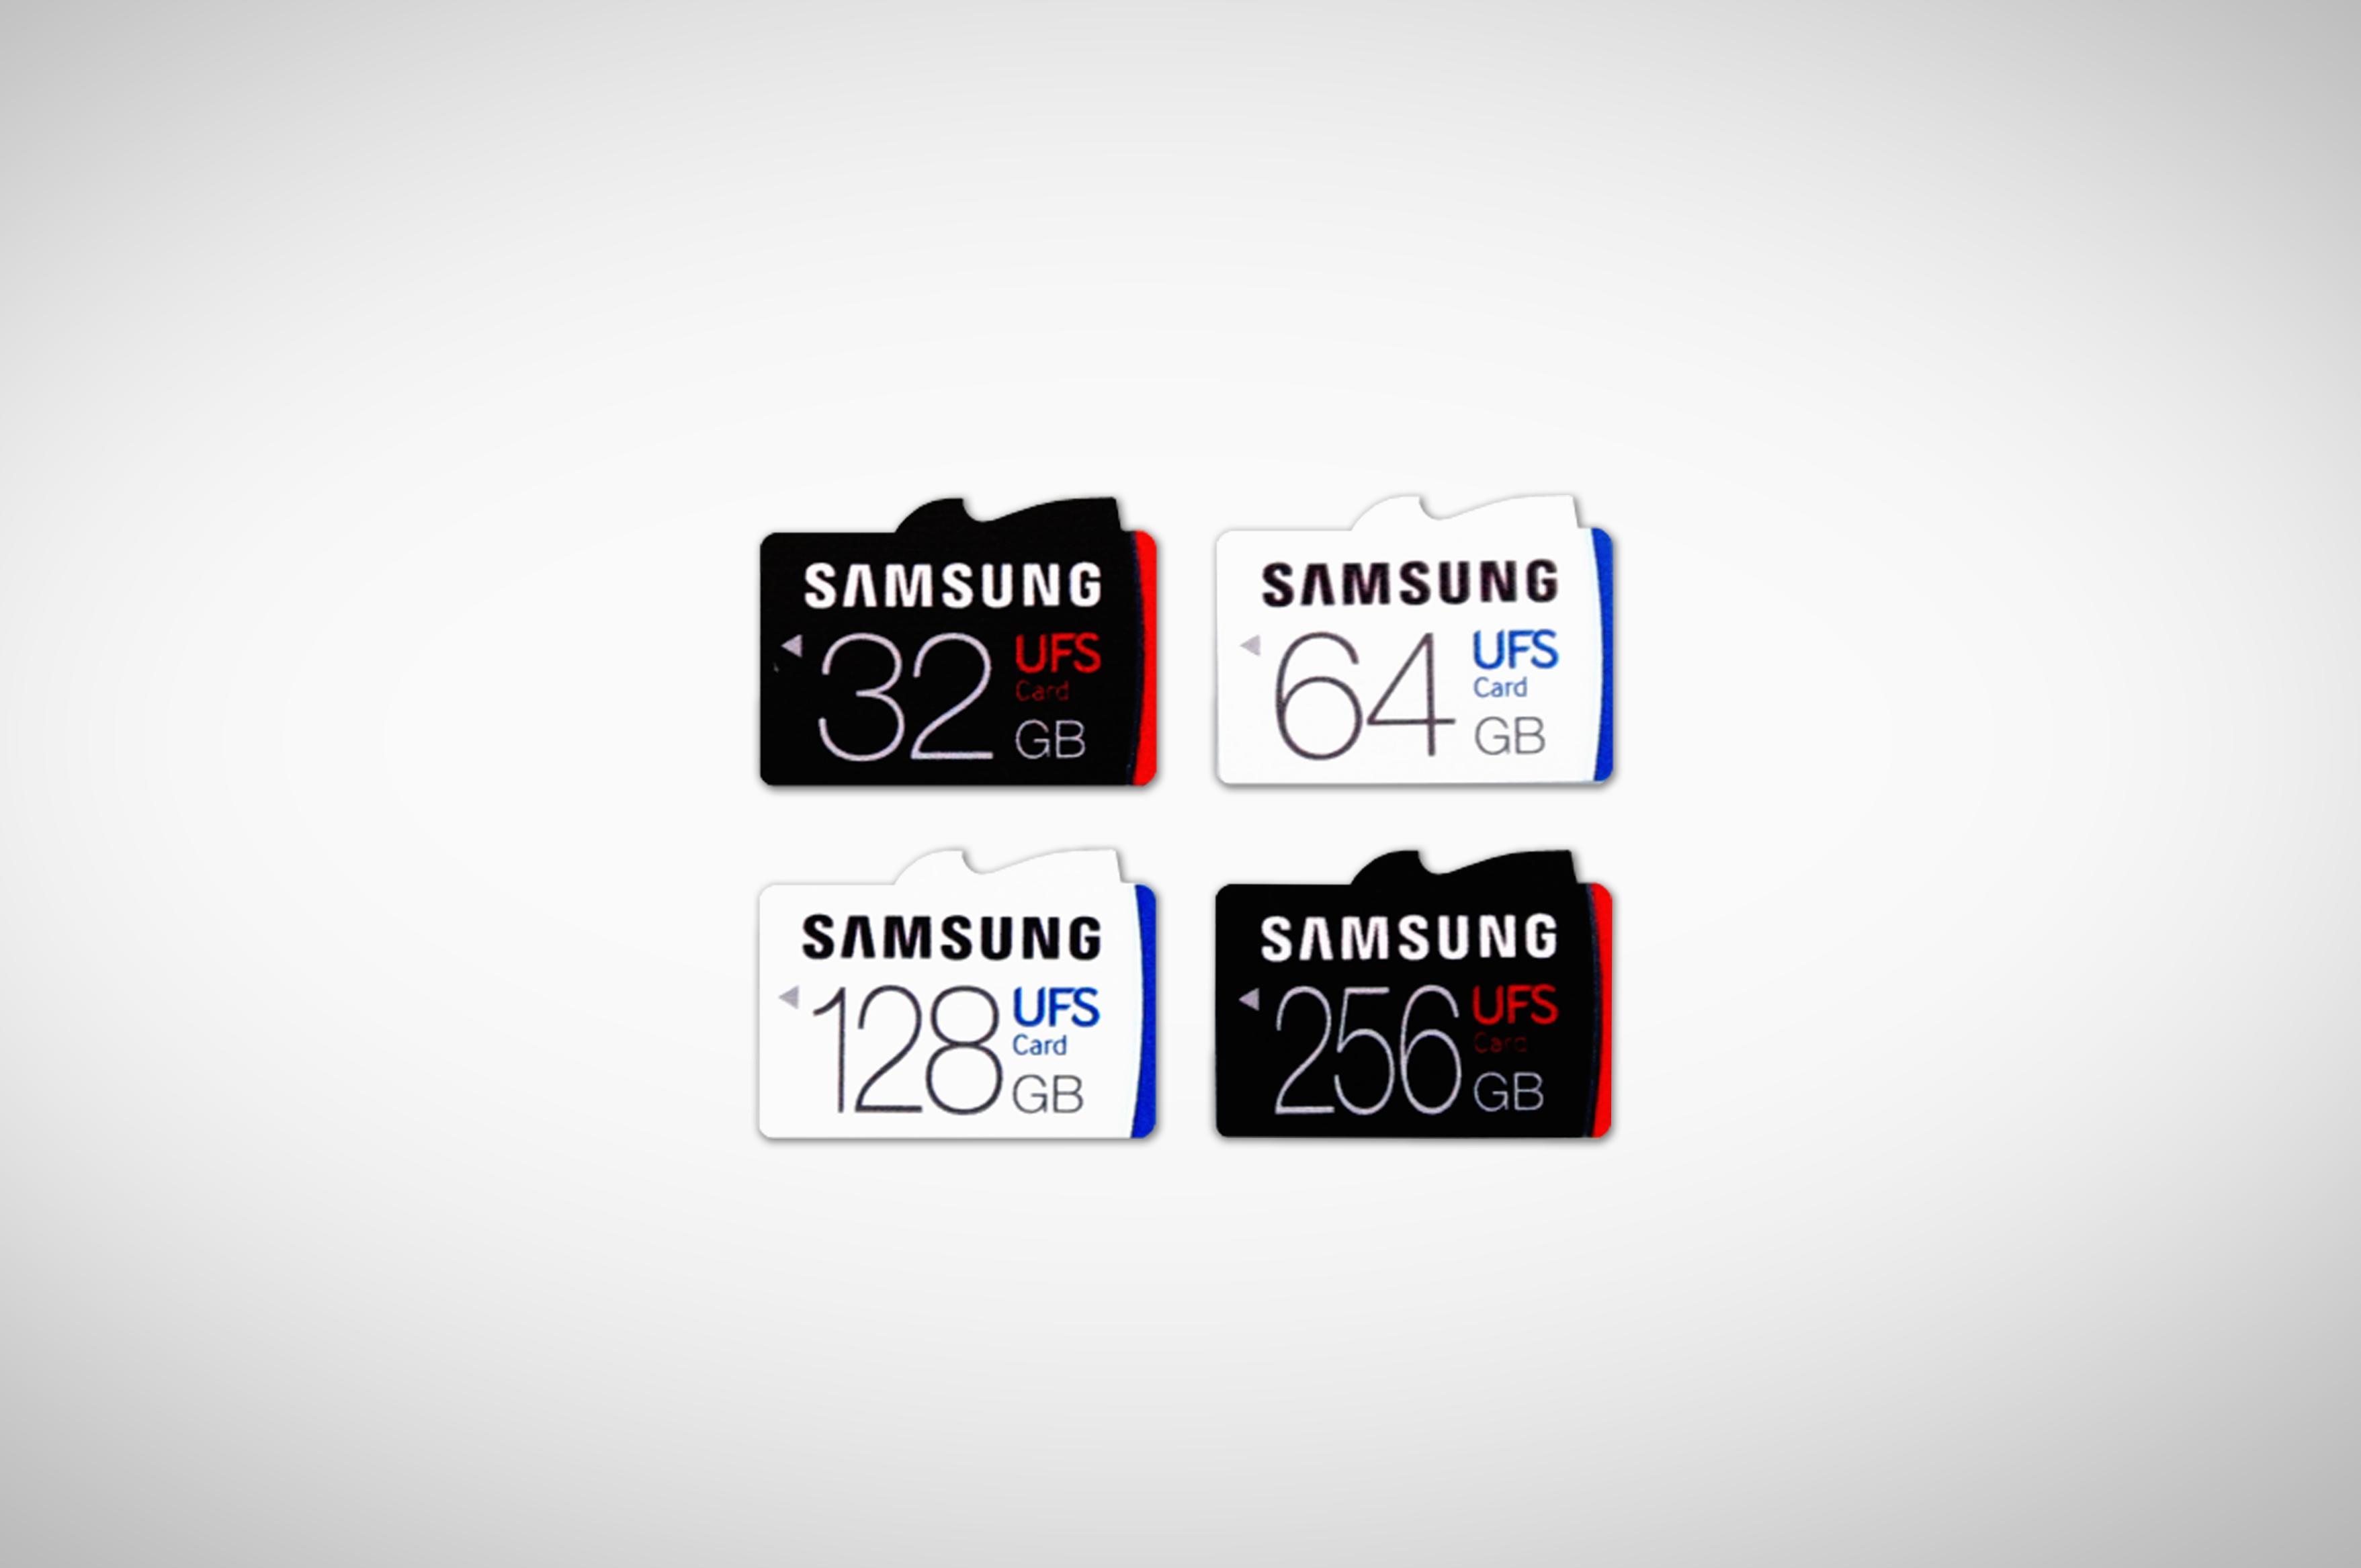 Samsungi uued UFS mälukaardid lubavad praegusest microSD standardist 5× suuremat kiirust